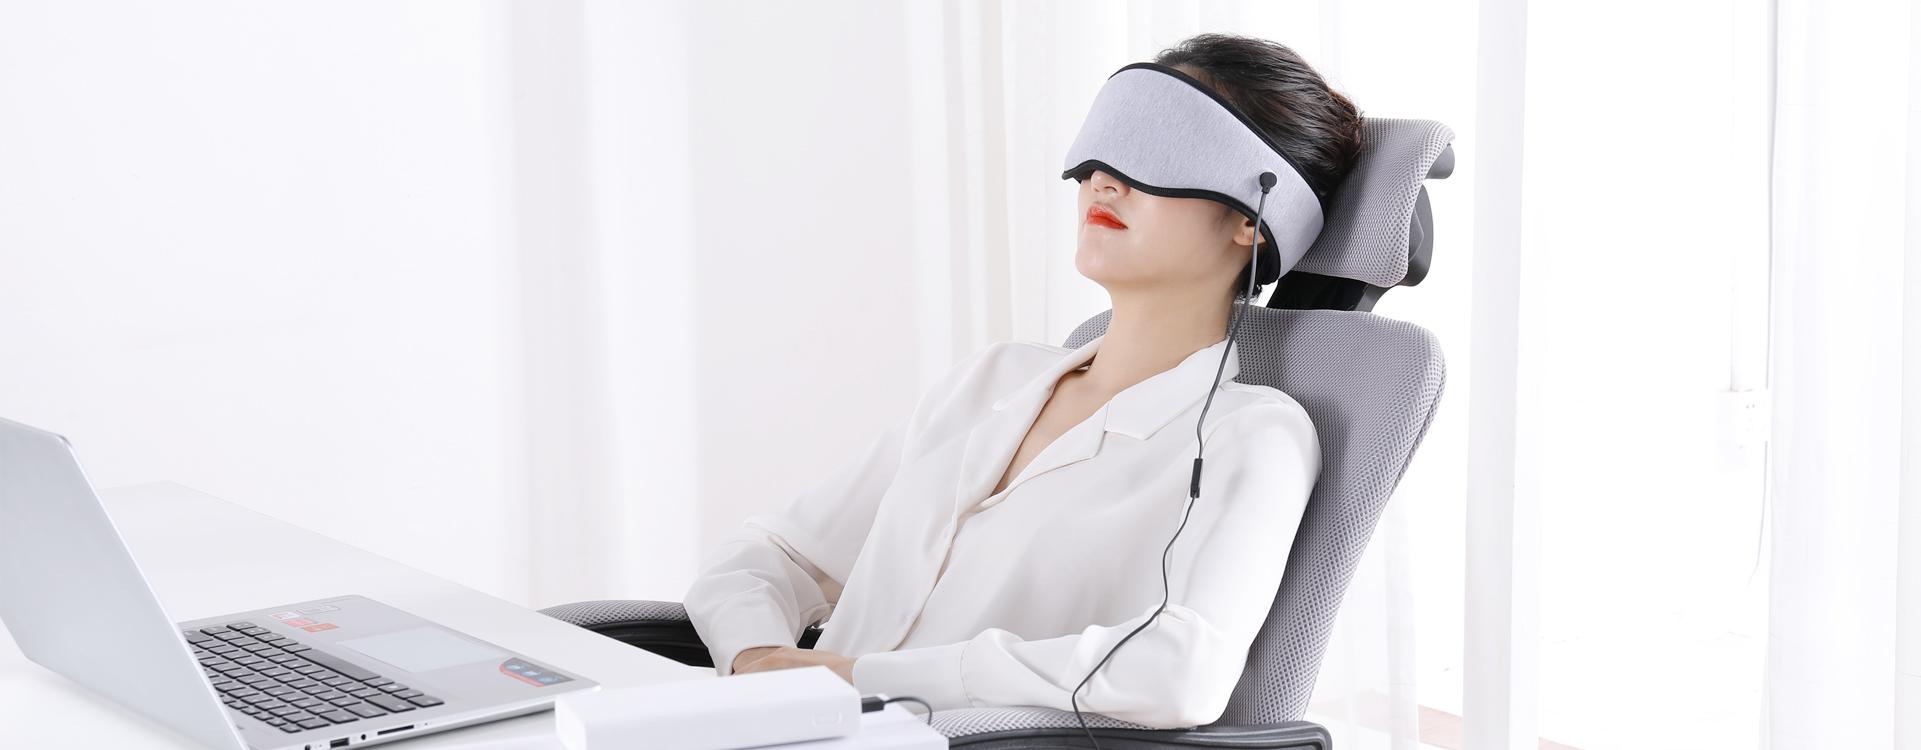 石墨烯音乐理疗眼罩